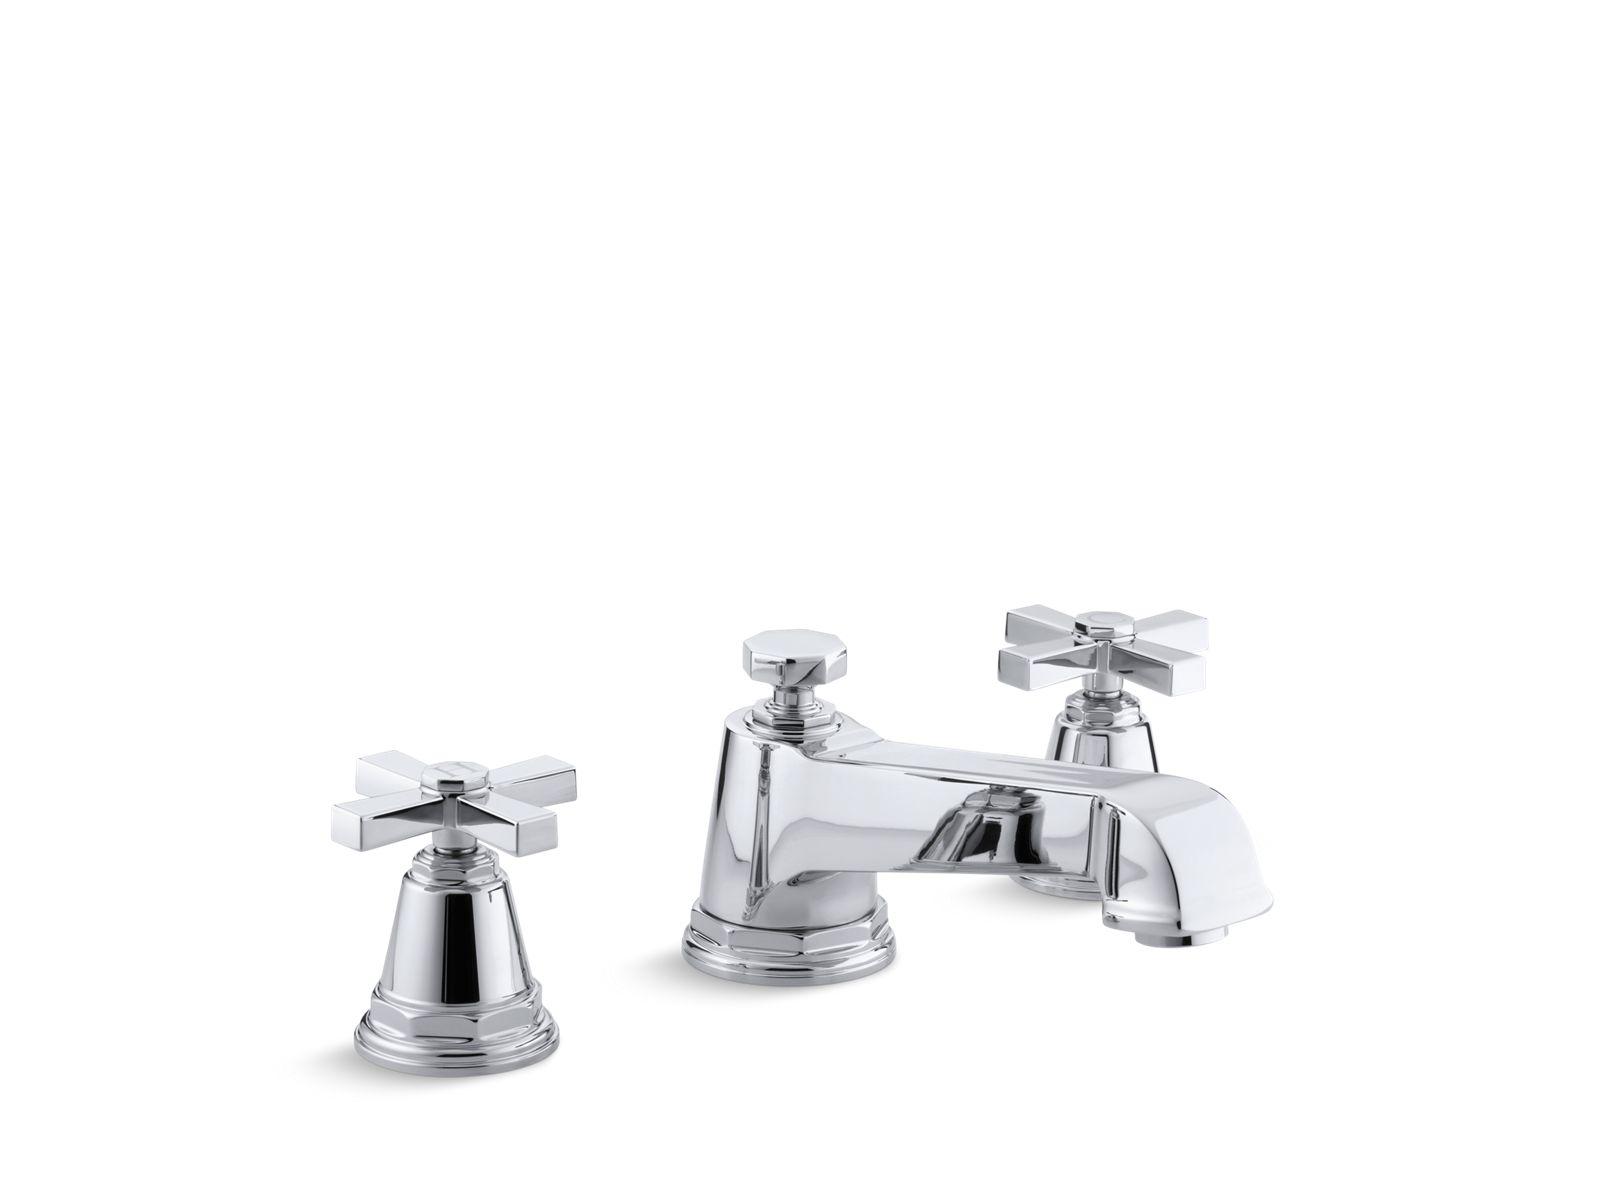 k t13140 3a pinstripe pure deck mount high flow bath faucet trim kohler